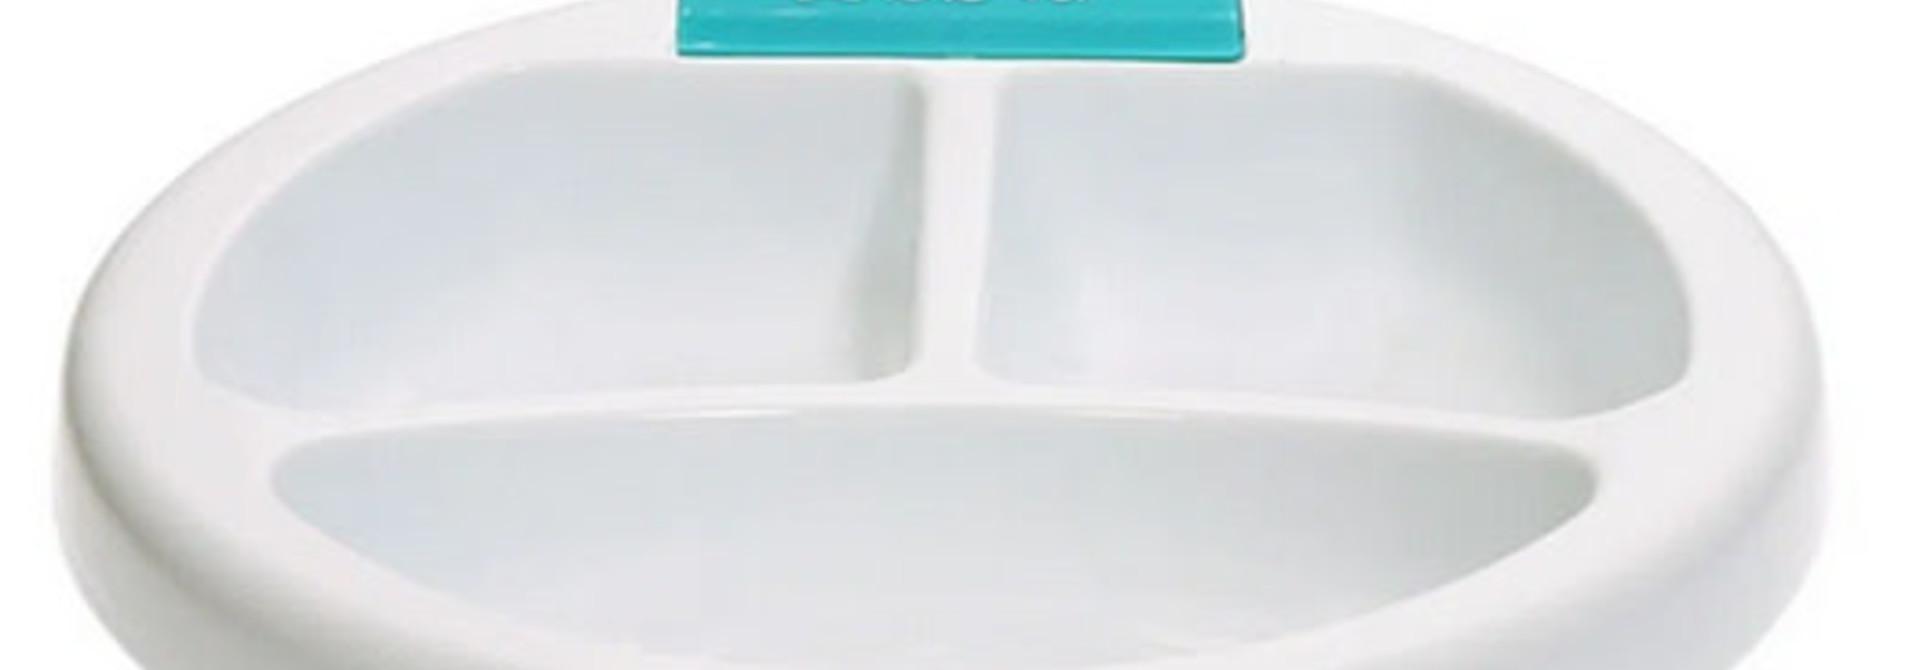 Pläto - Plat réchauffable à compartiments